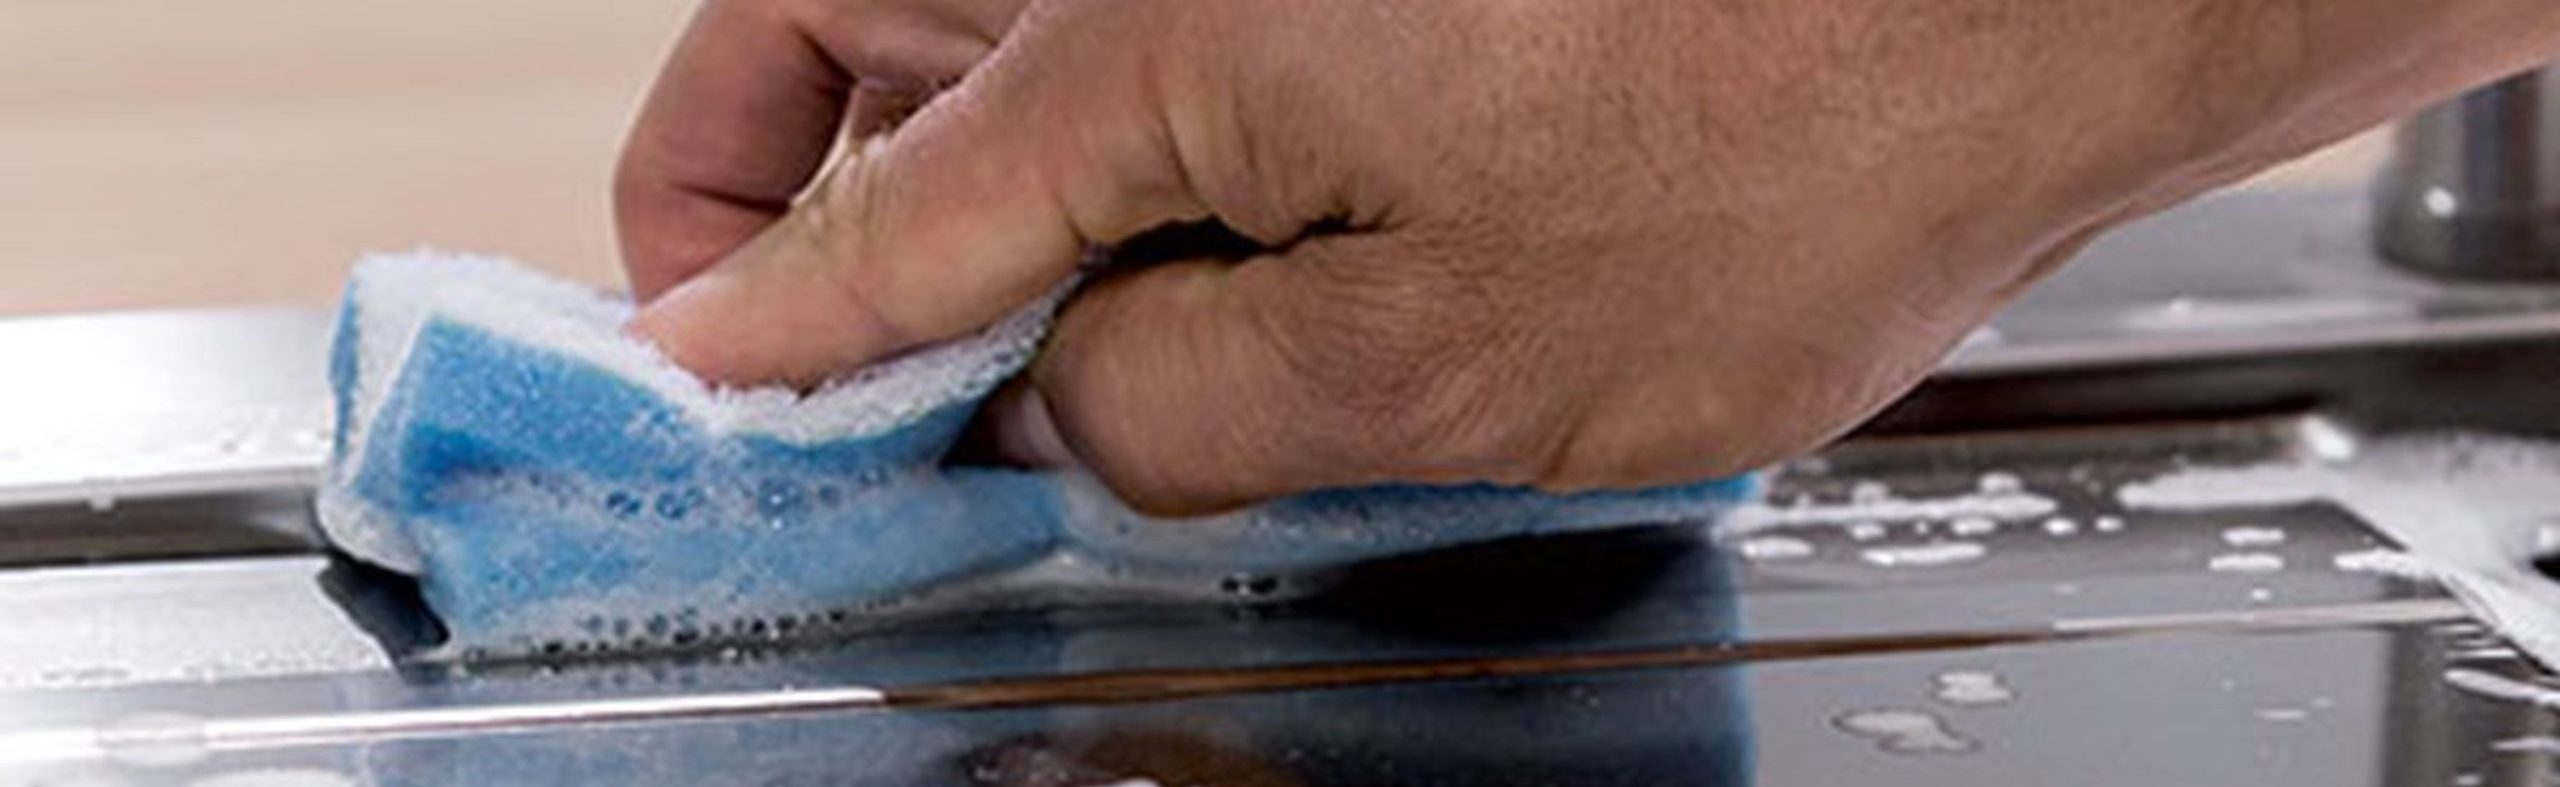 Wilno Rustfri ApS_Rengøring og vedligehold af rustfrit stål AISI304